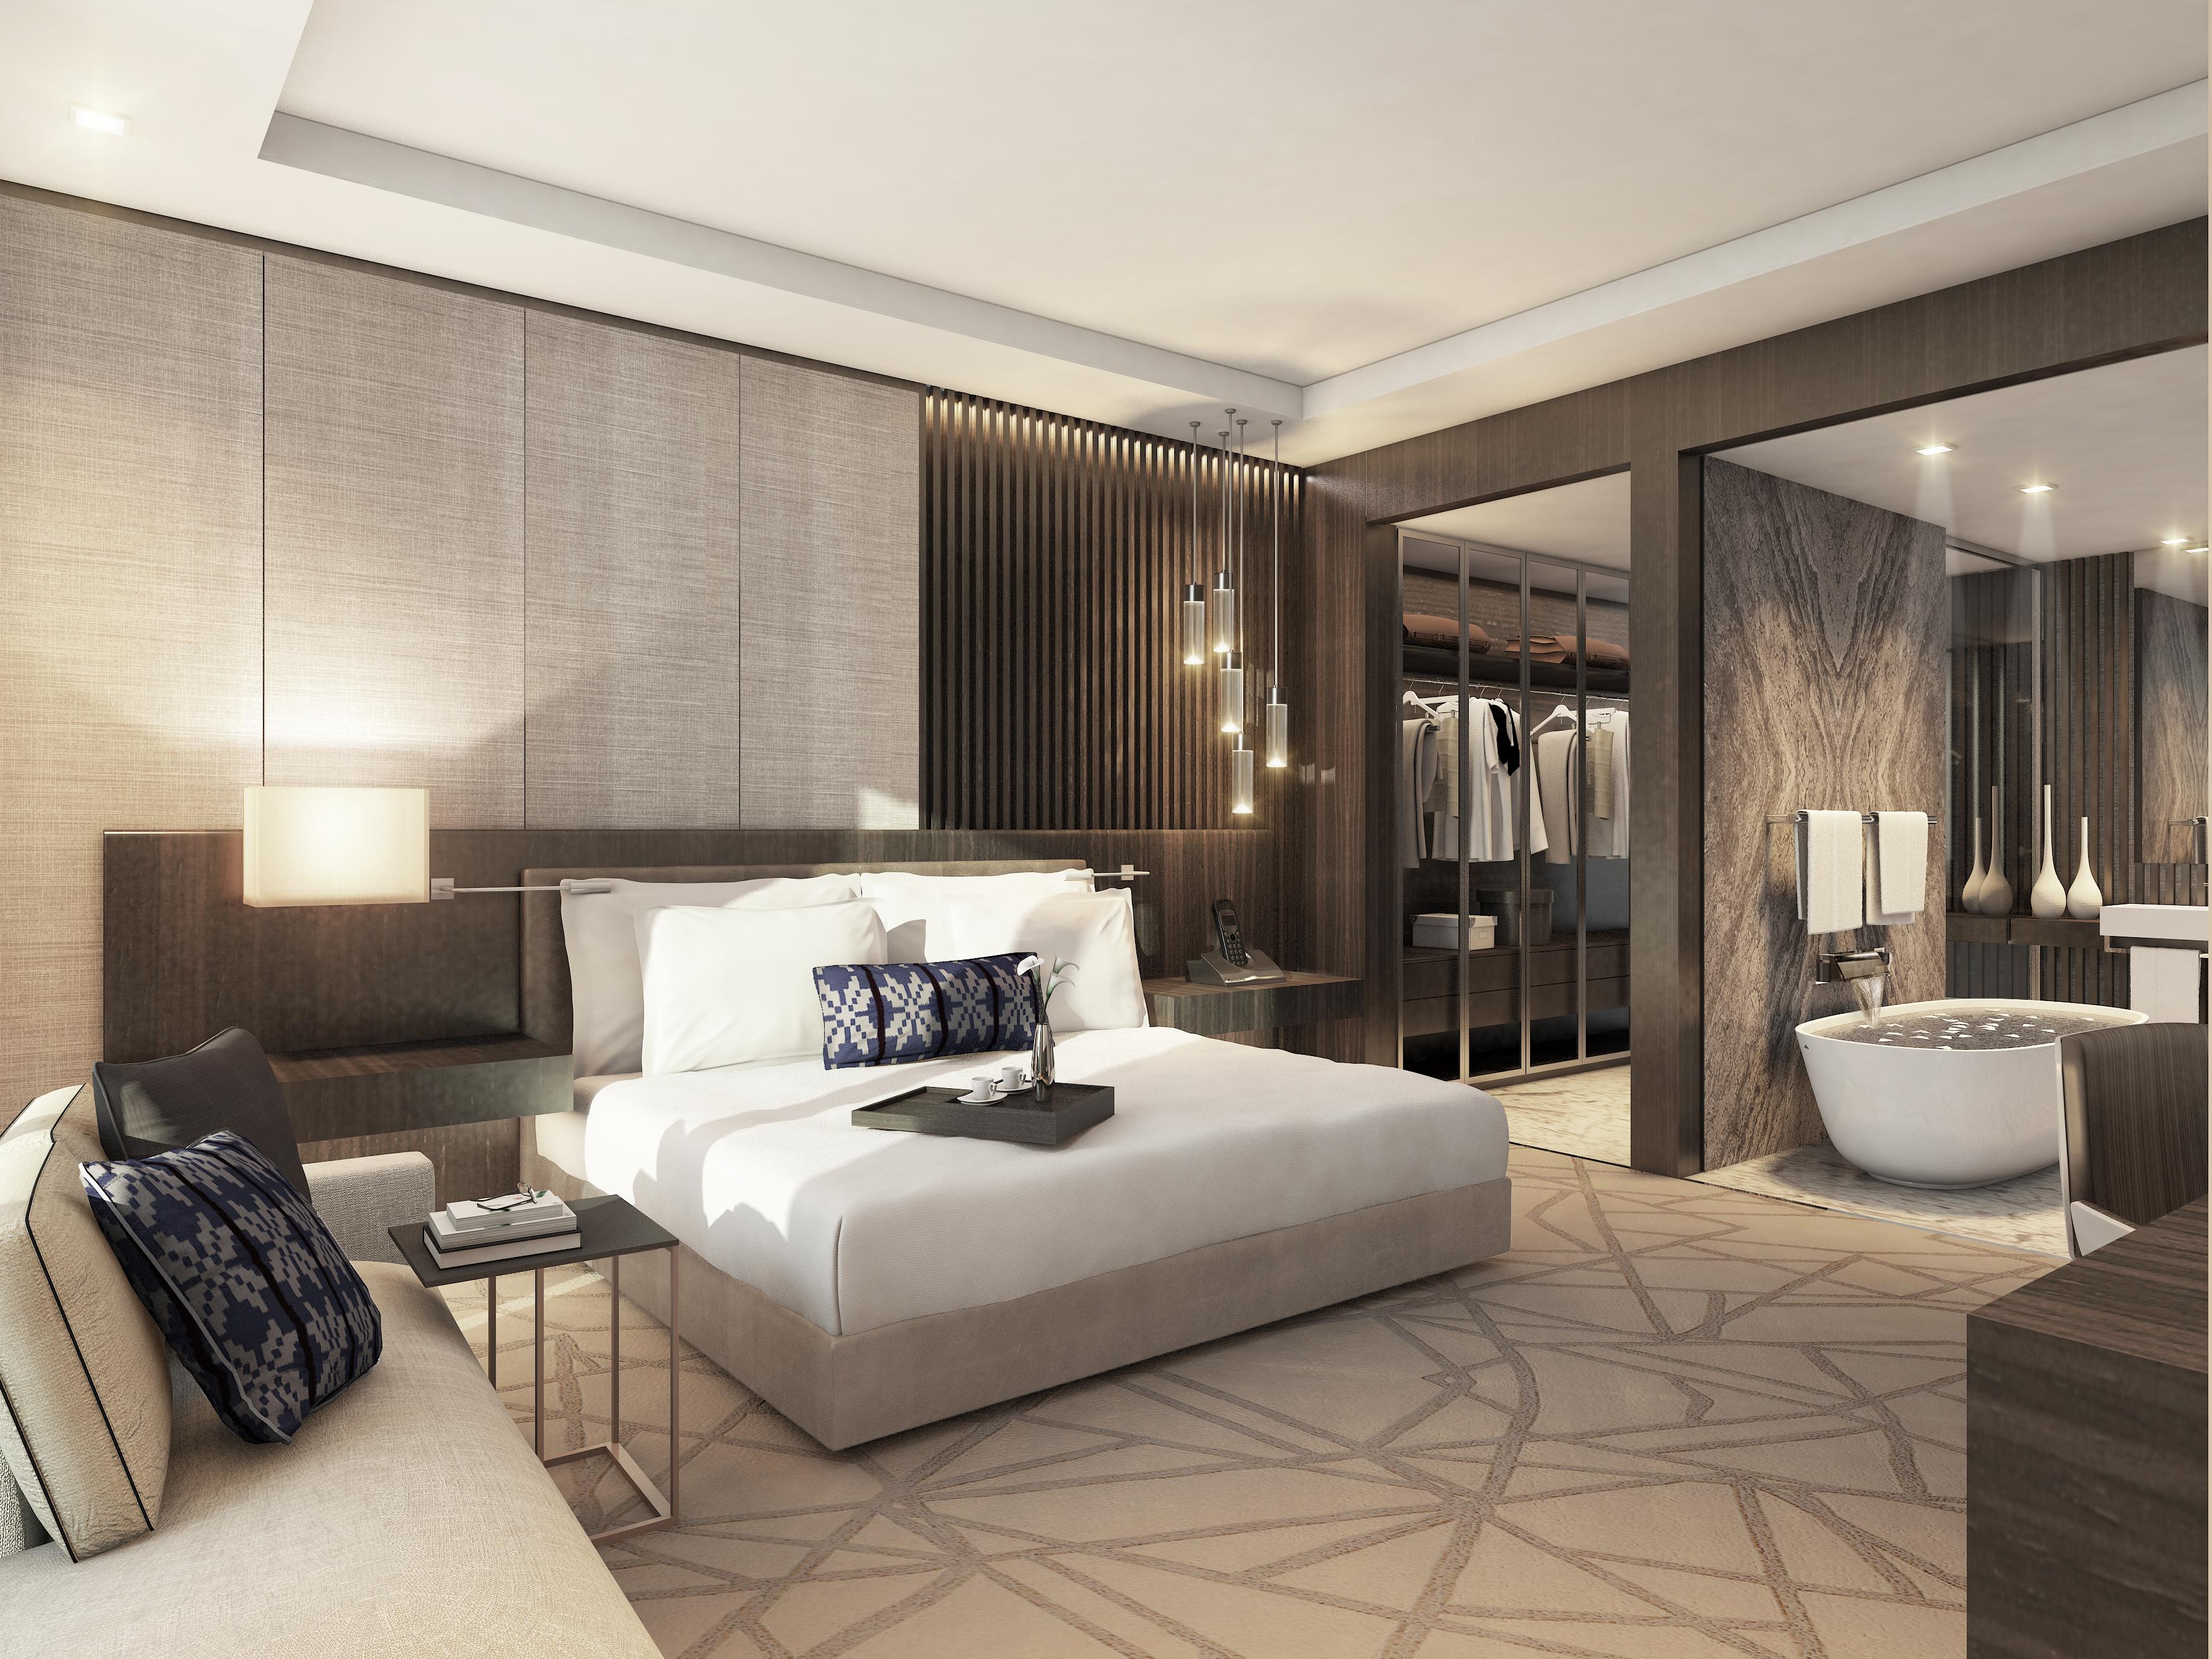 1 BED SUITE- BEDROOM